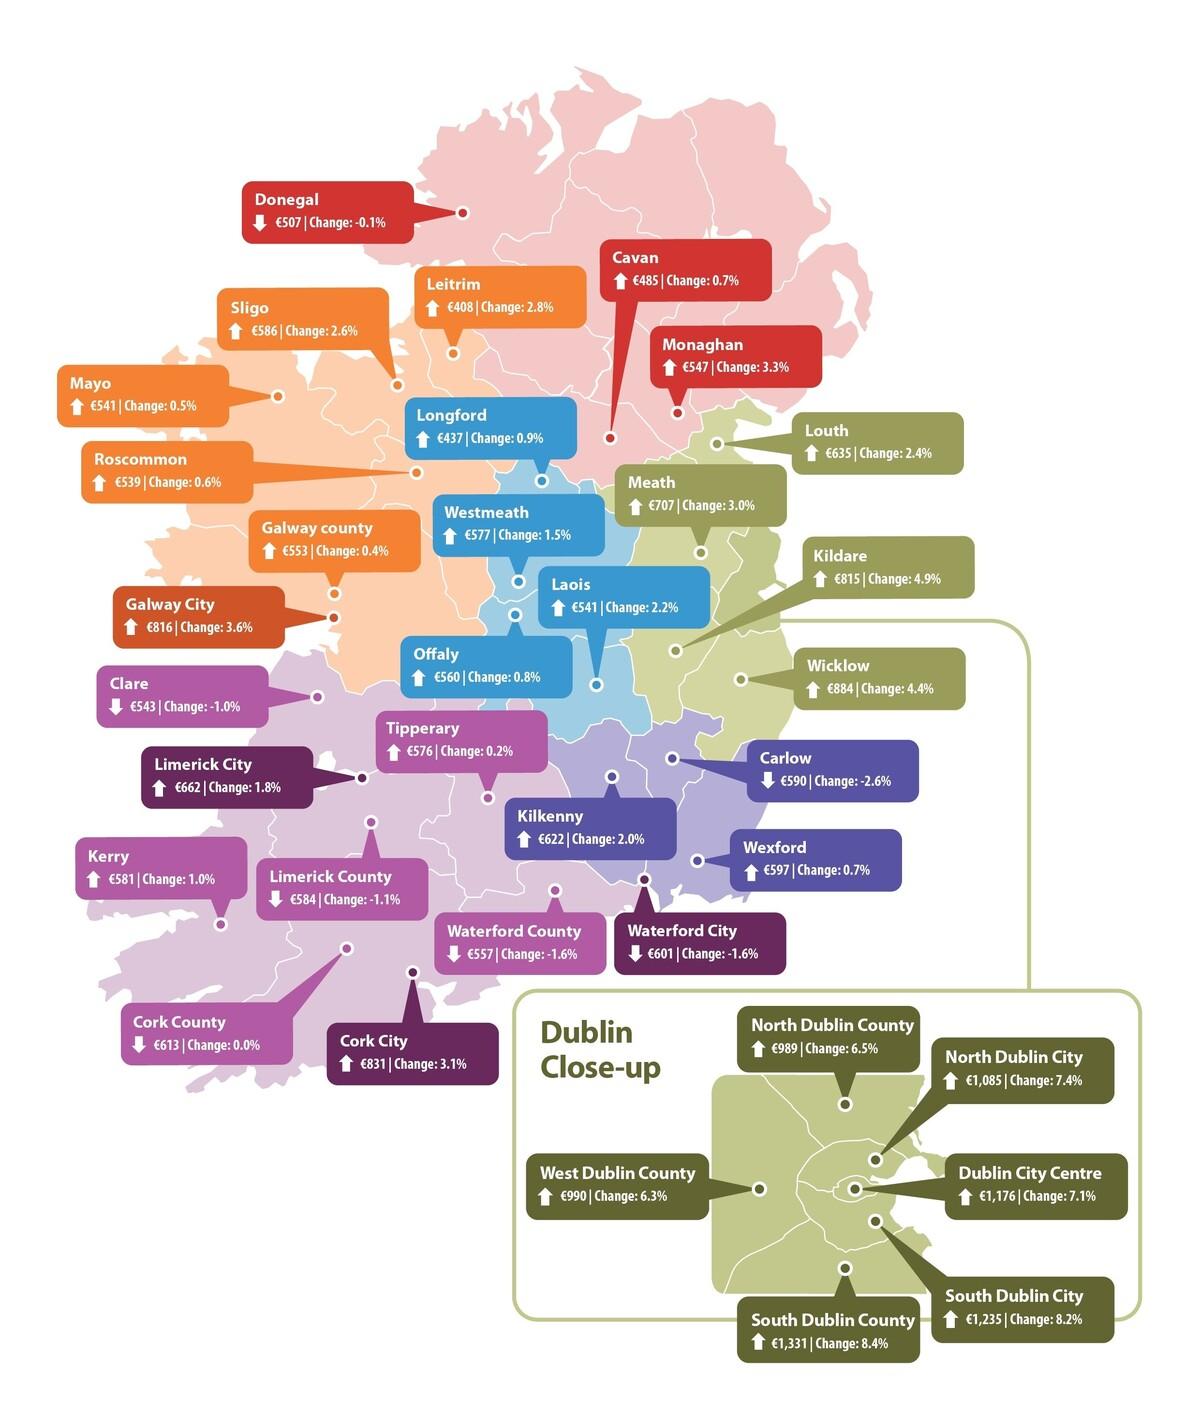 схема покупки и цены на недвижимость в ирландии